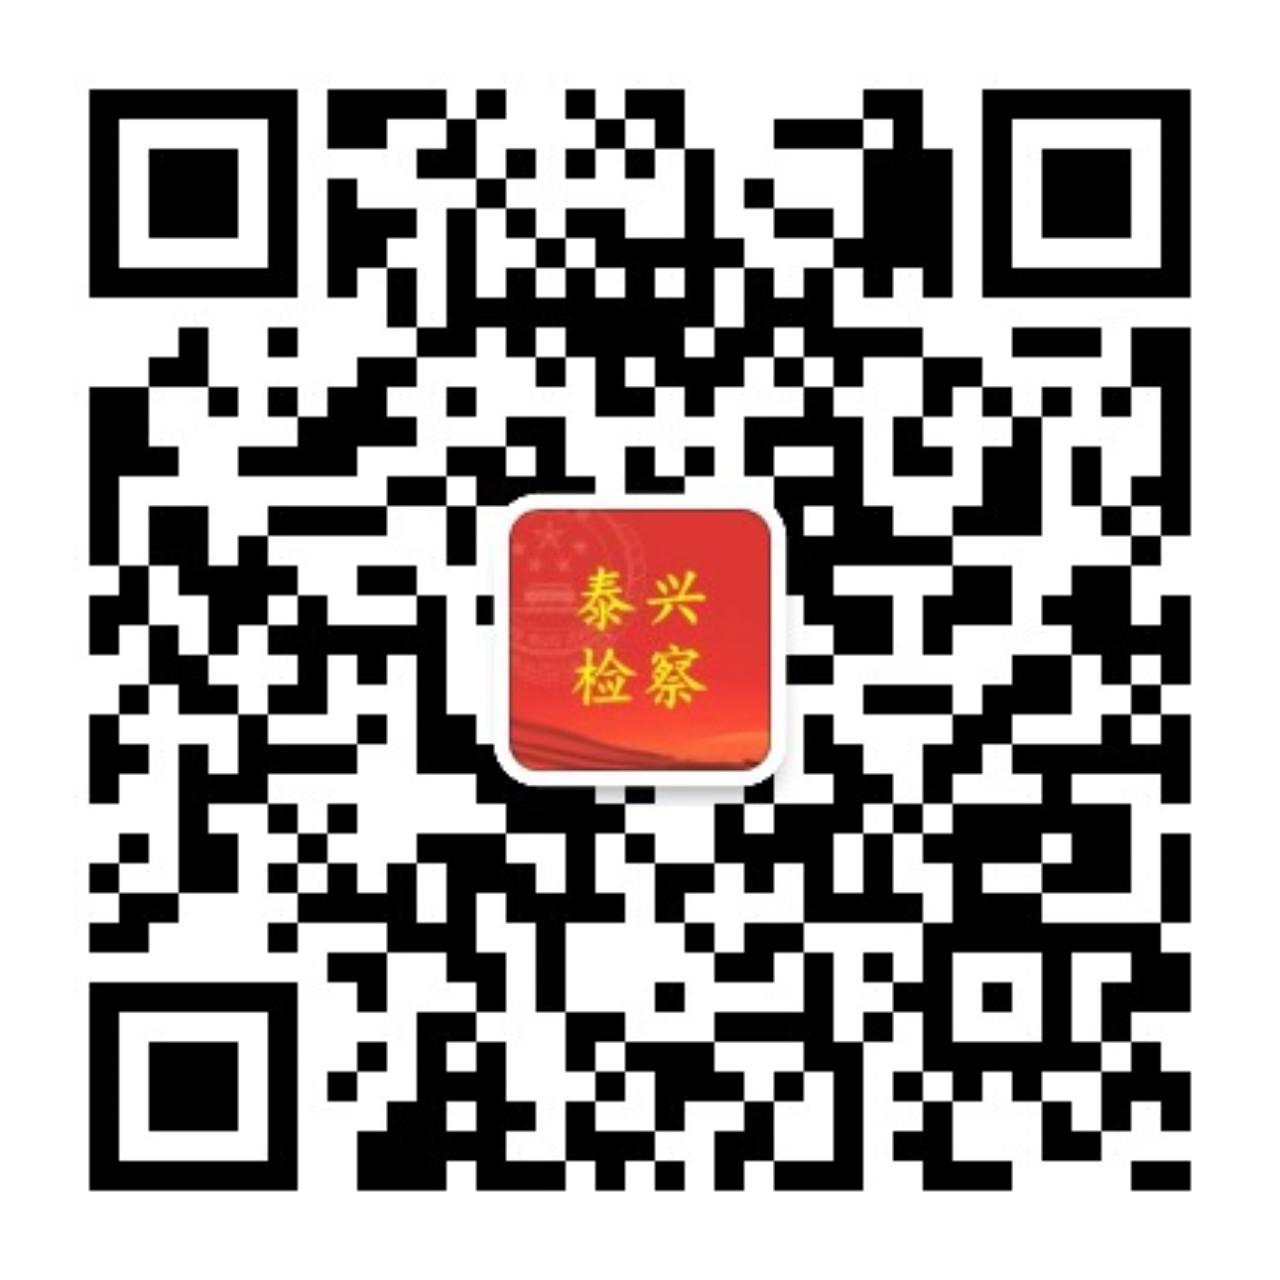 泰兴检察微信二维码.jpg